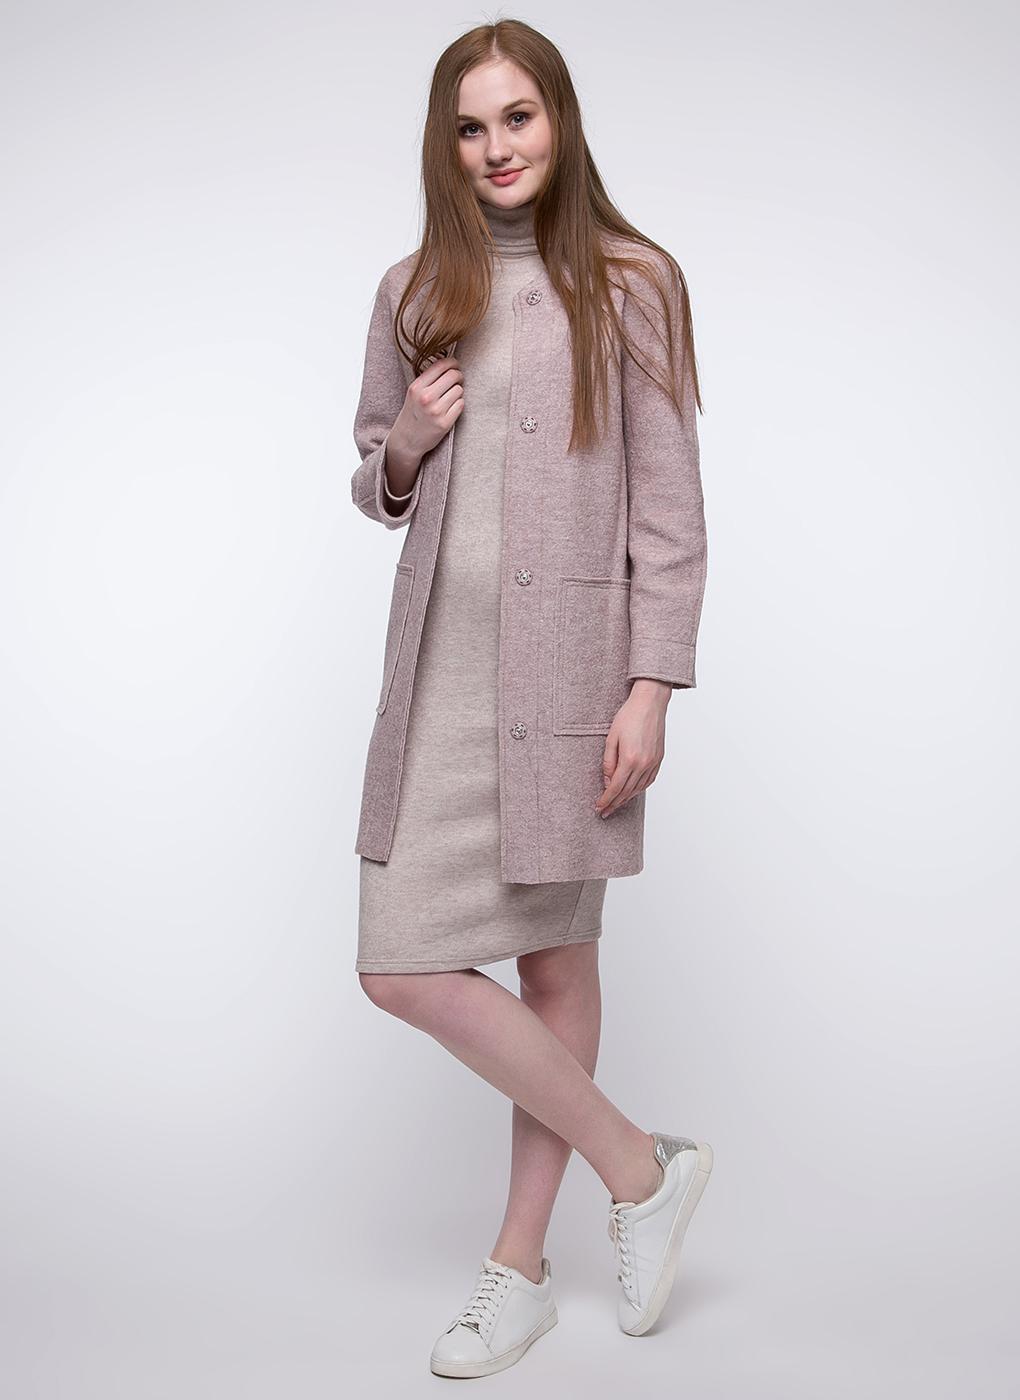 Пальто прямое шерстяное 26, Crosario фото